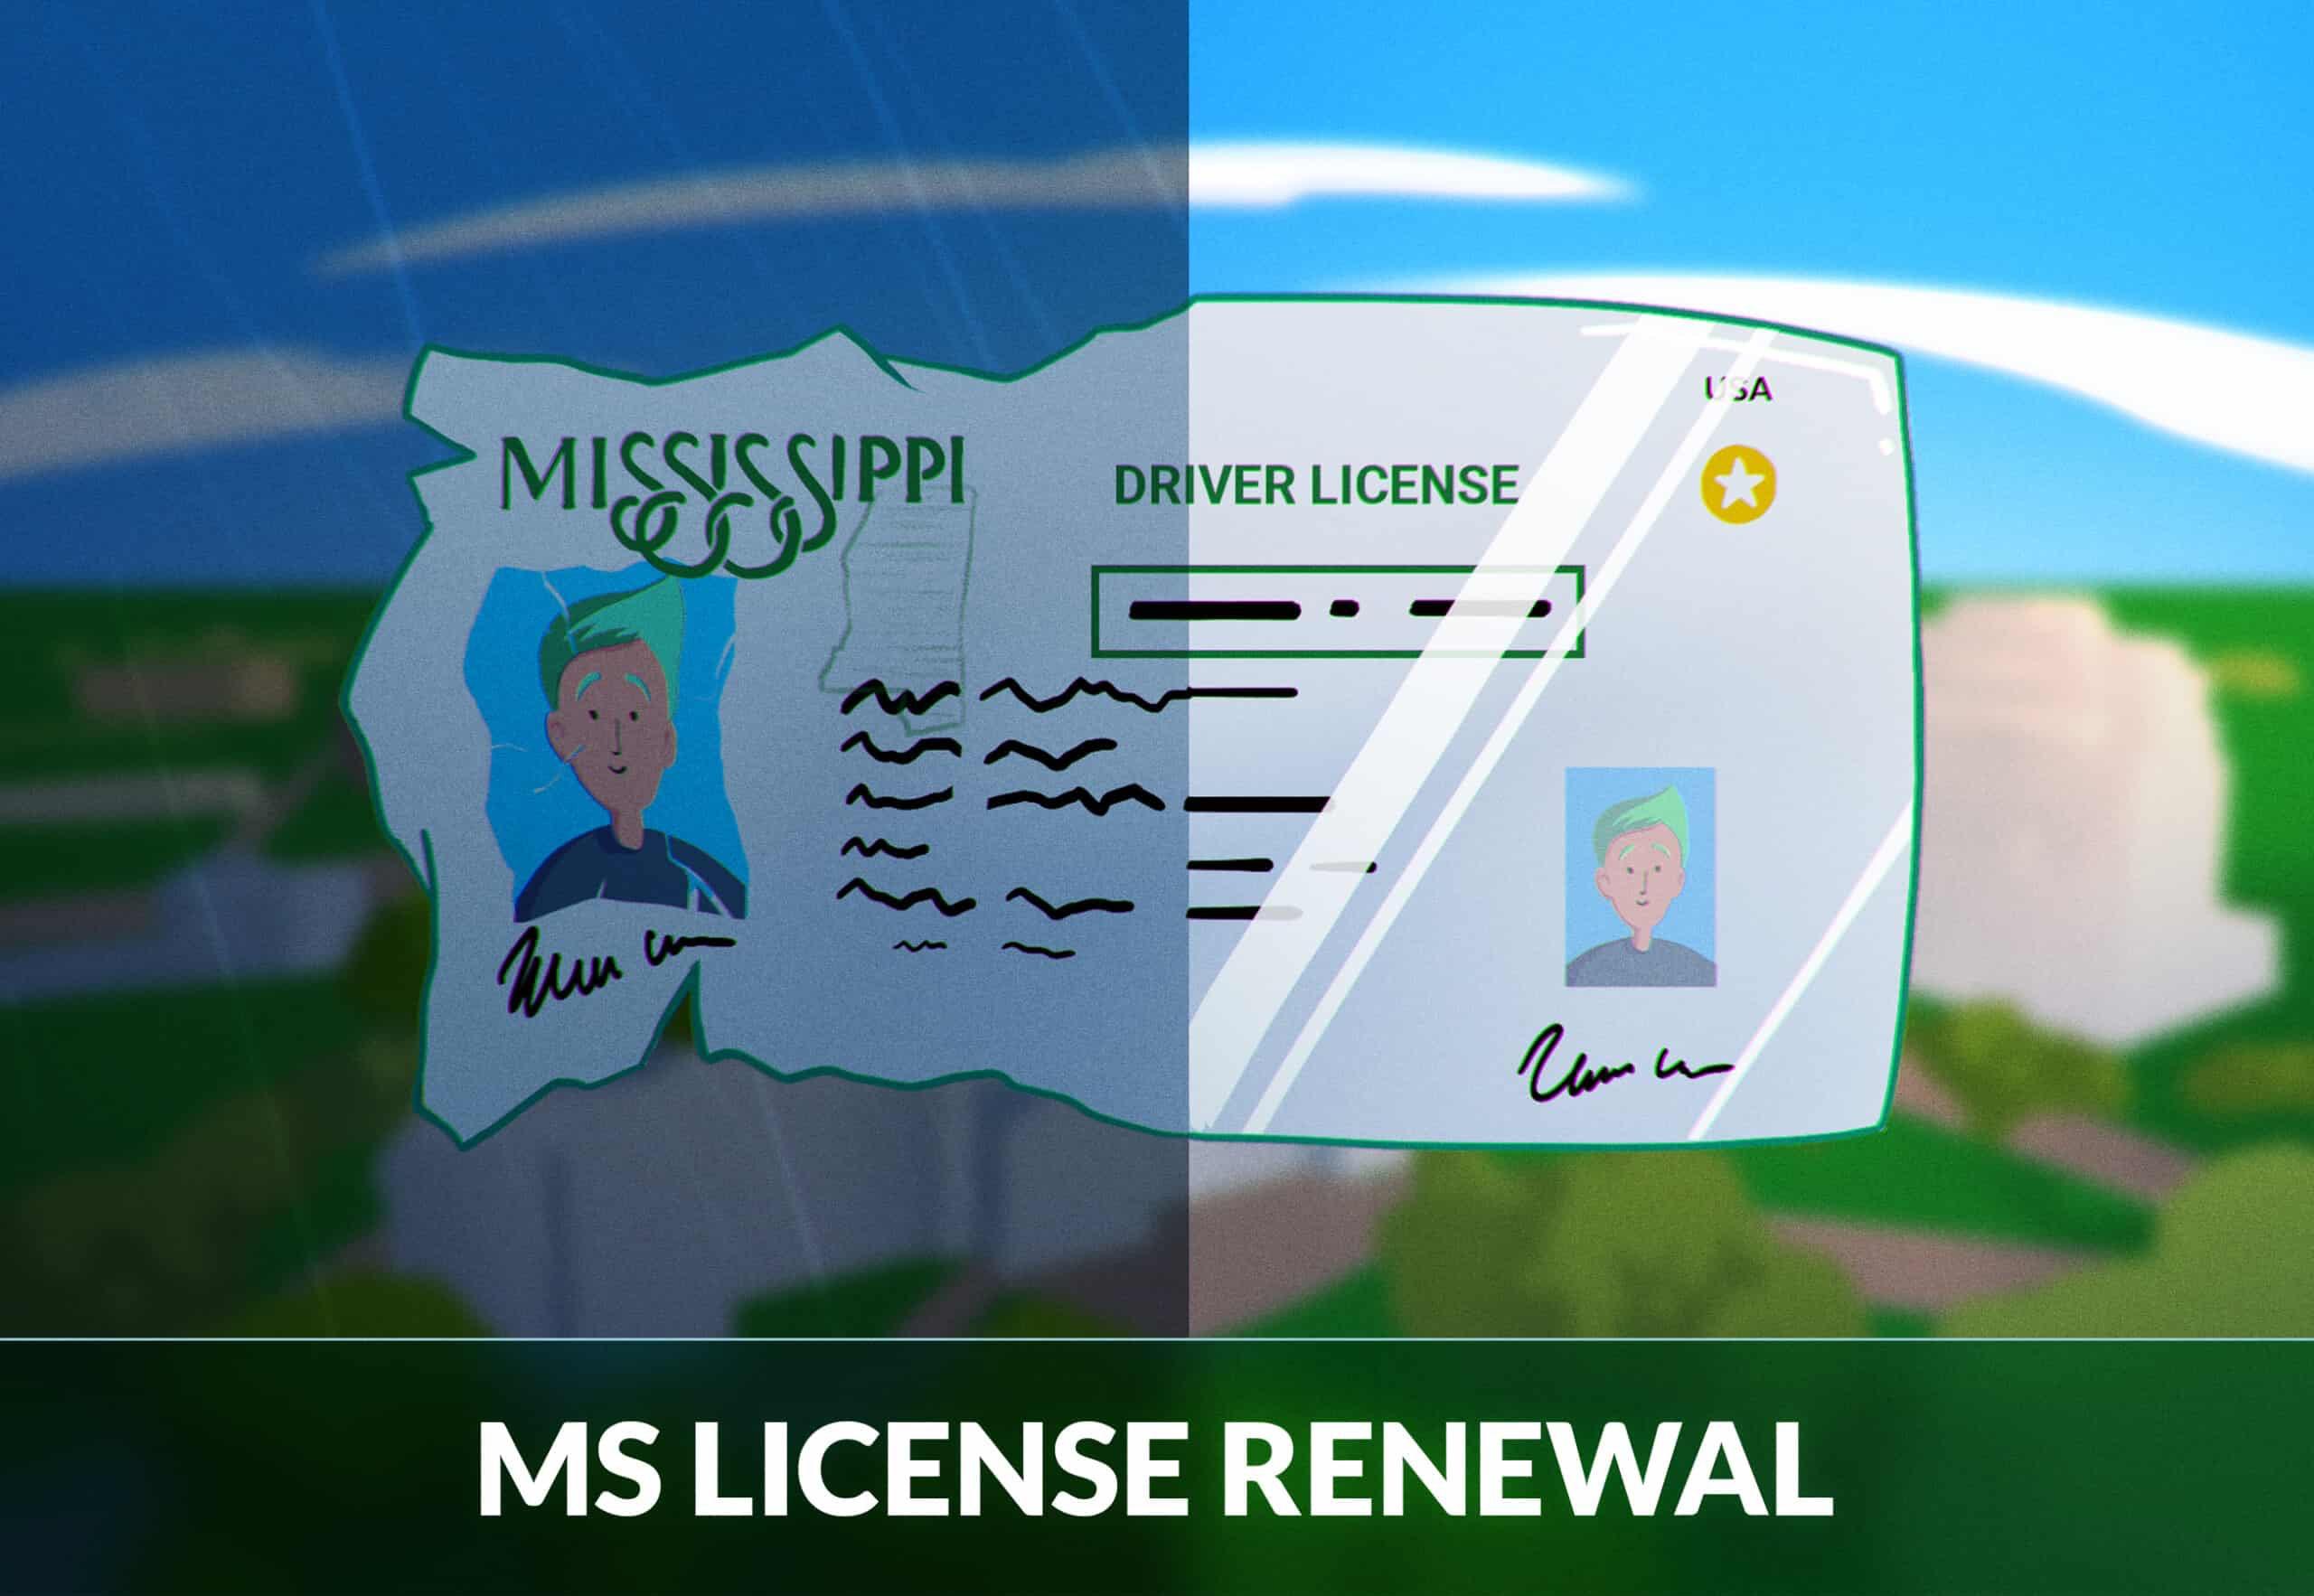 Mississippi driver's license renewal